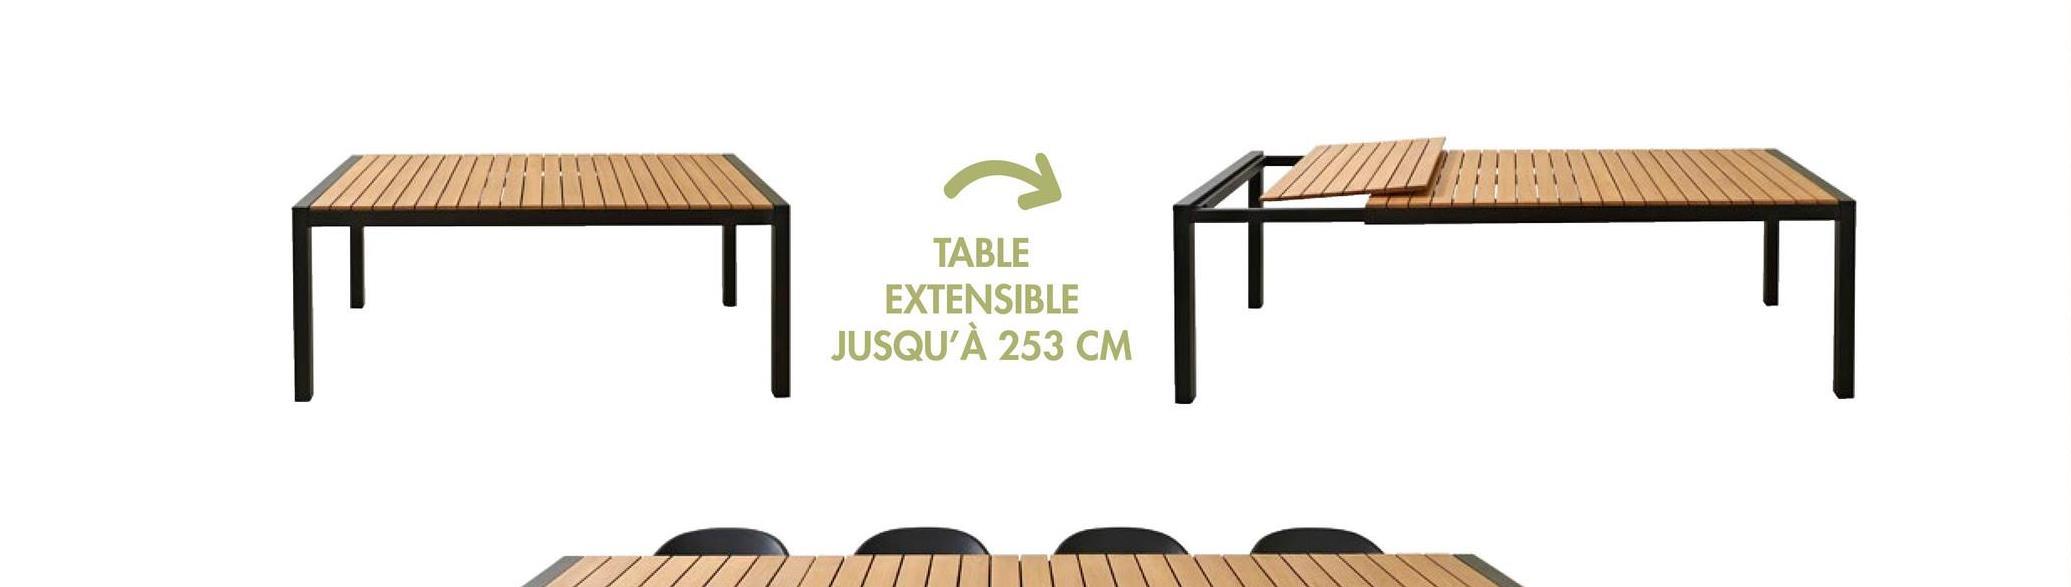 TABLE EXTENSIBLE JUSQU'À 253 CM F